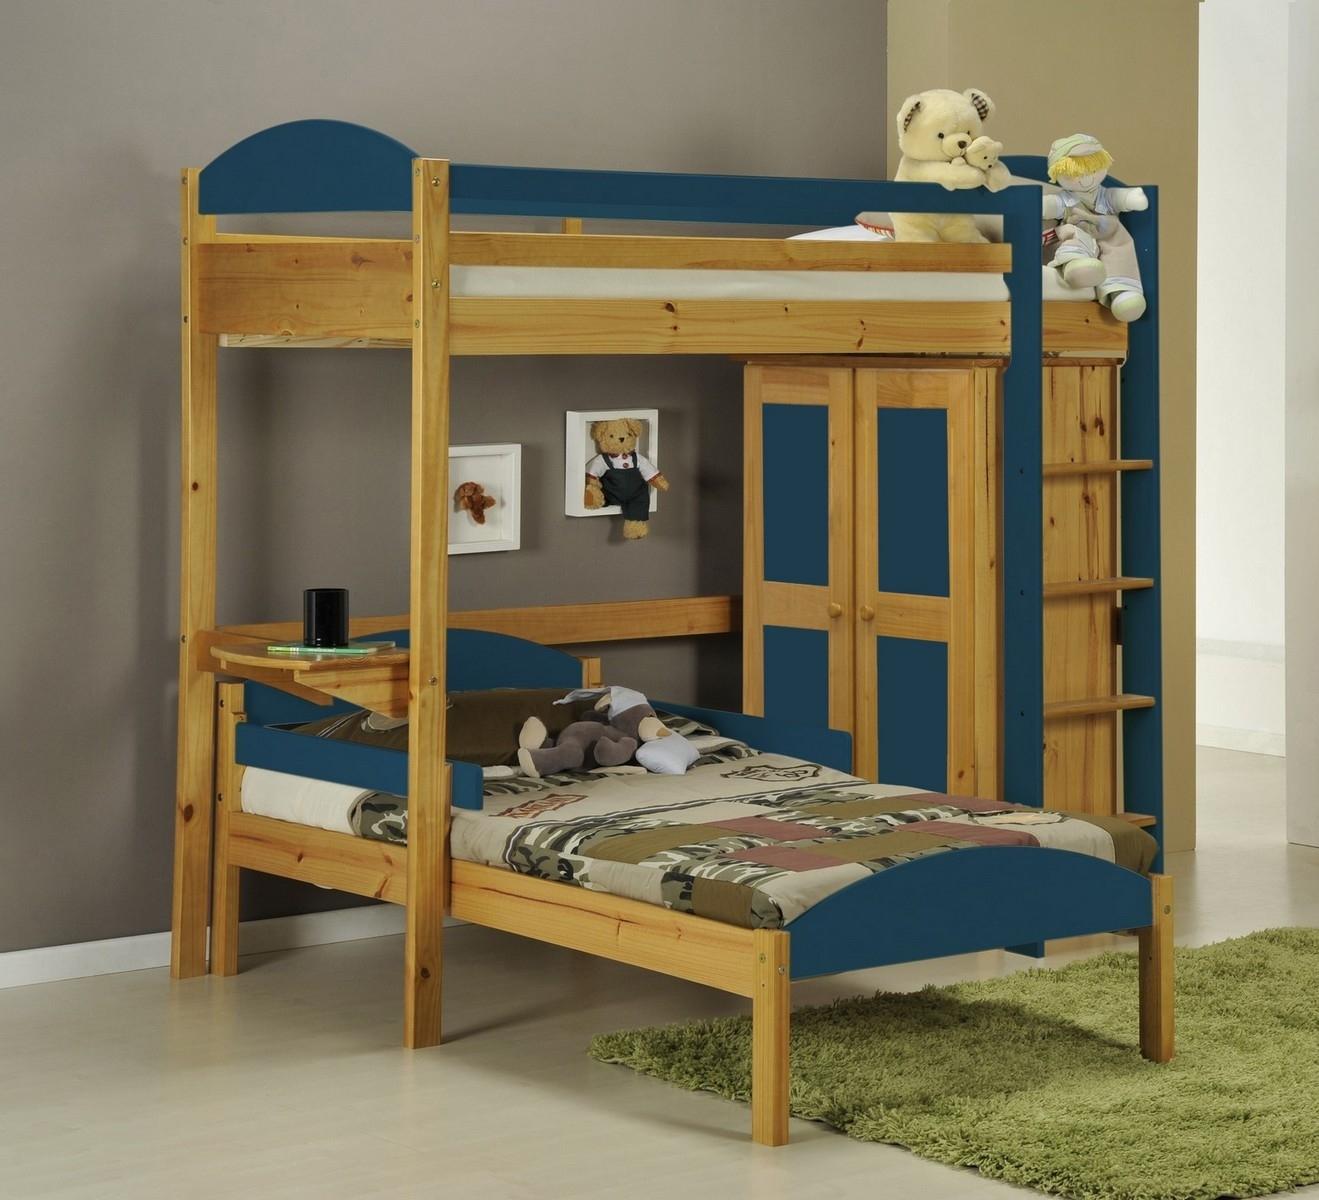 Lit mezzanine en l et placard tal boy pin miel et bleu aladin - Lit mezzanine avec placard ...